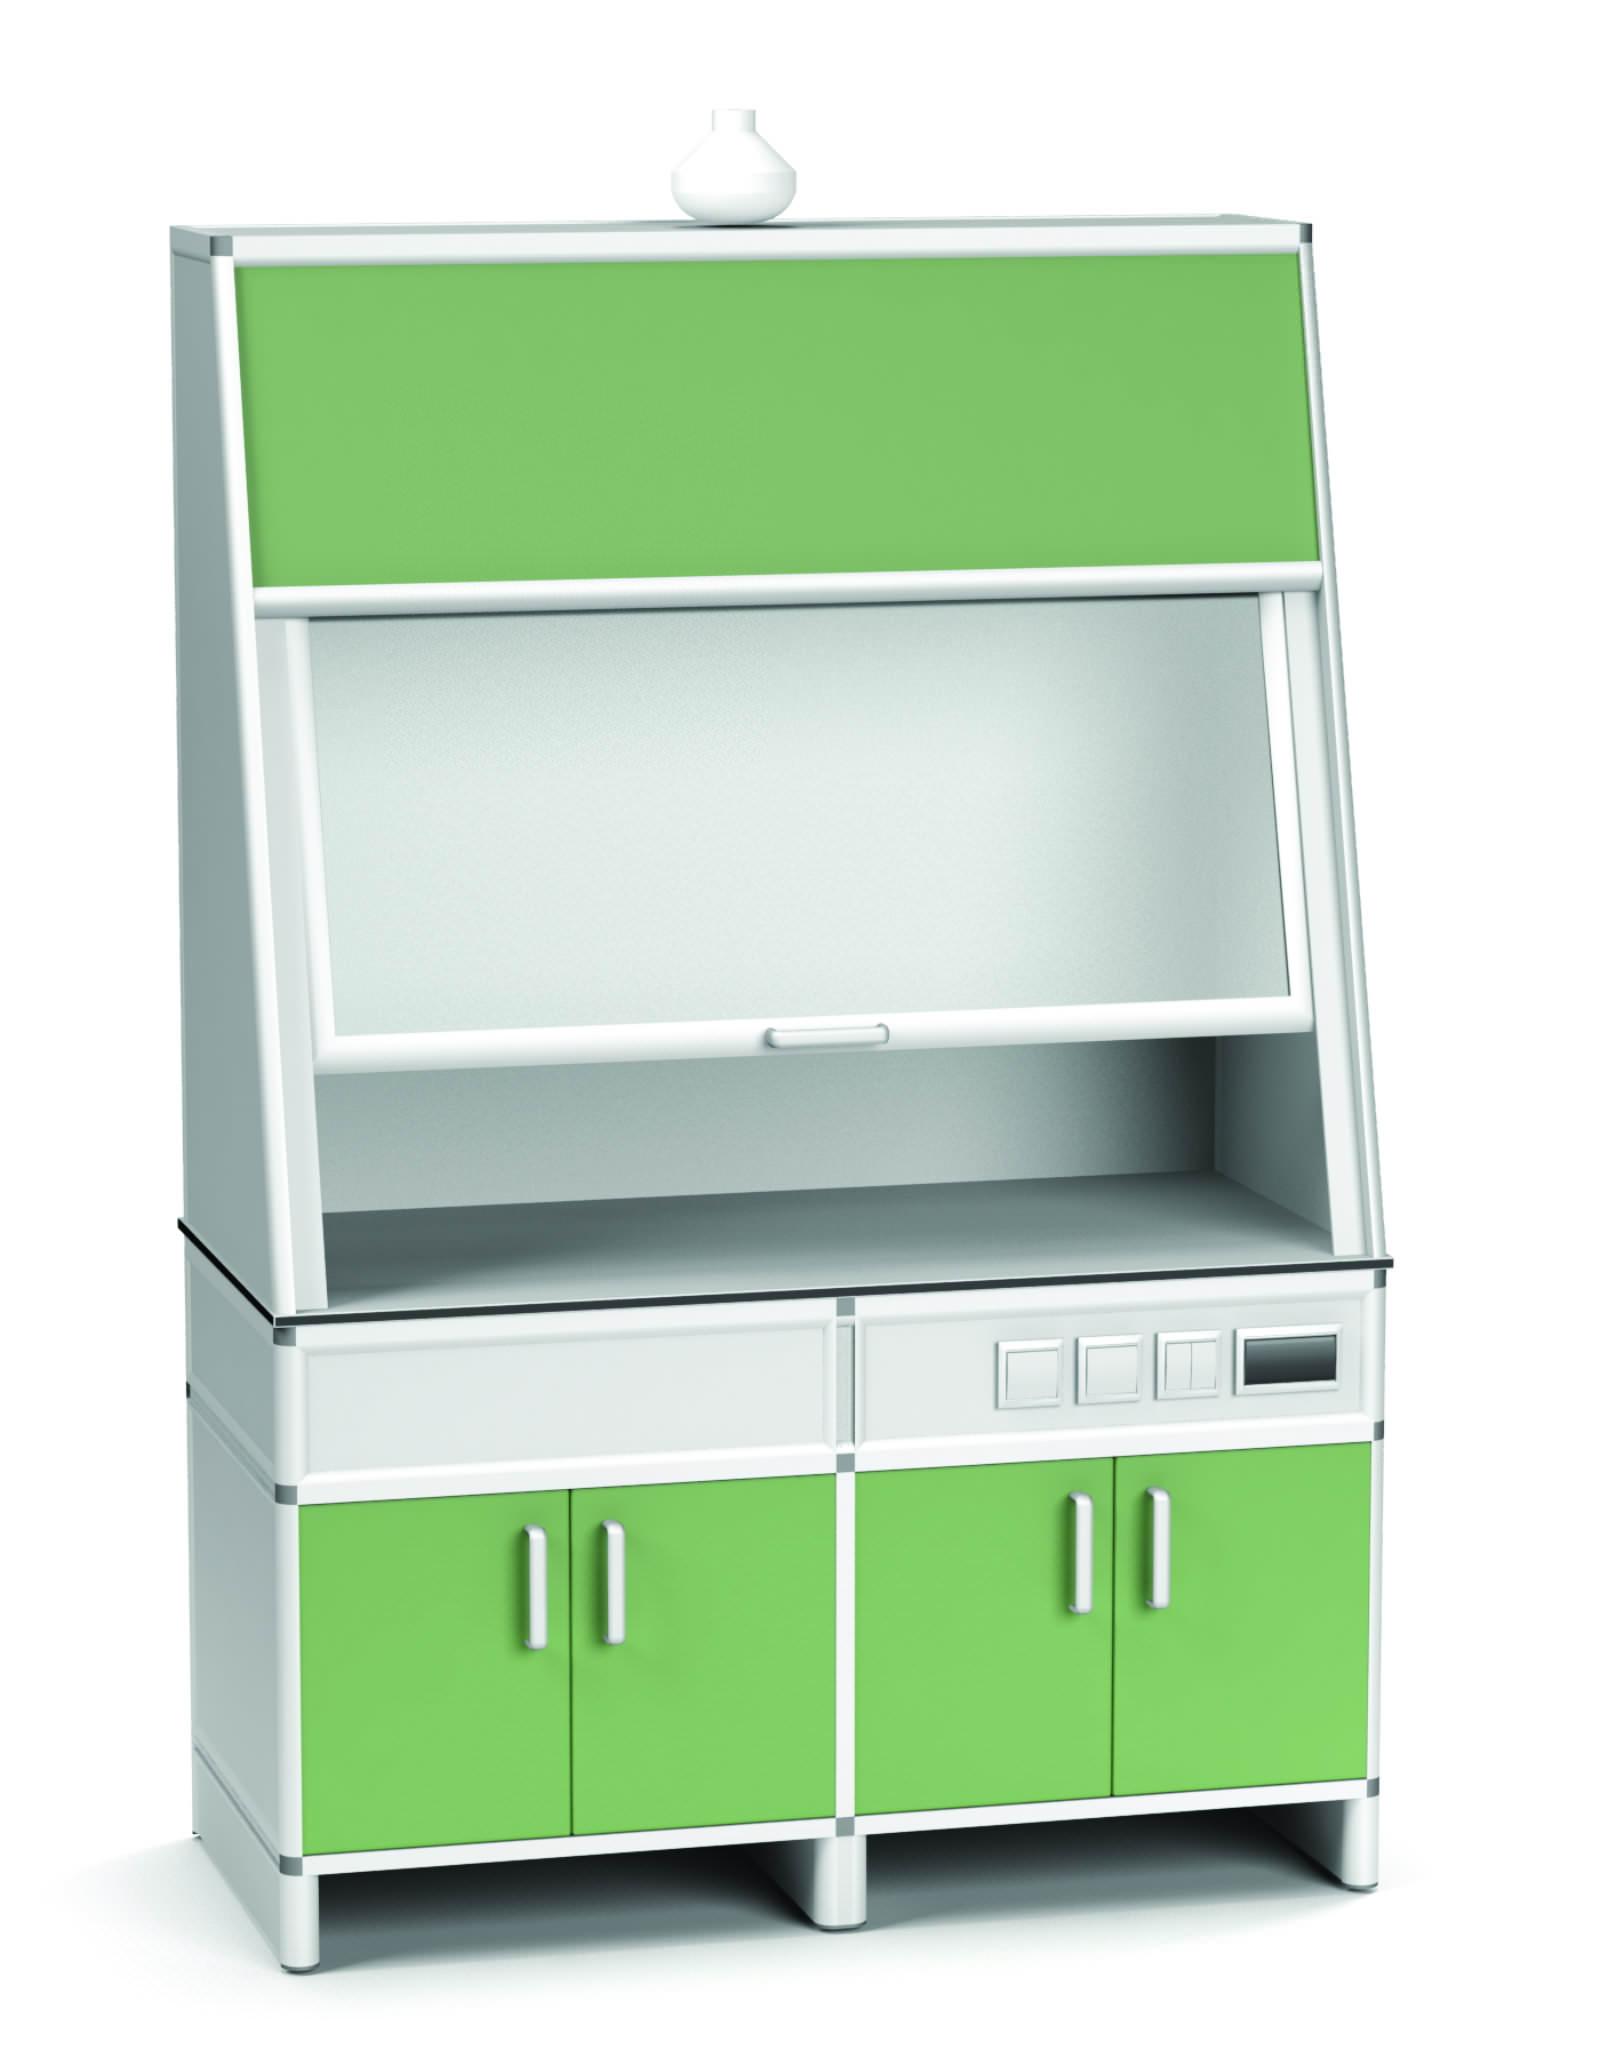 Вытяжной шкаф ДМ-1-004-04